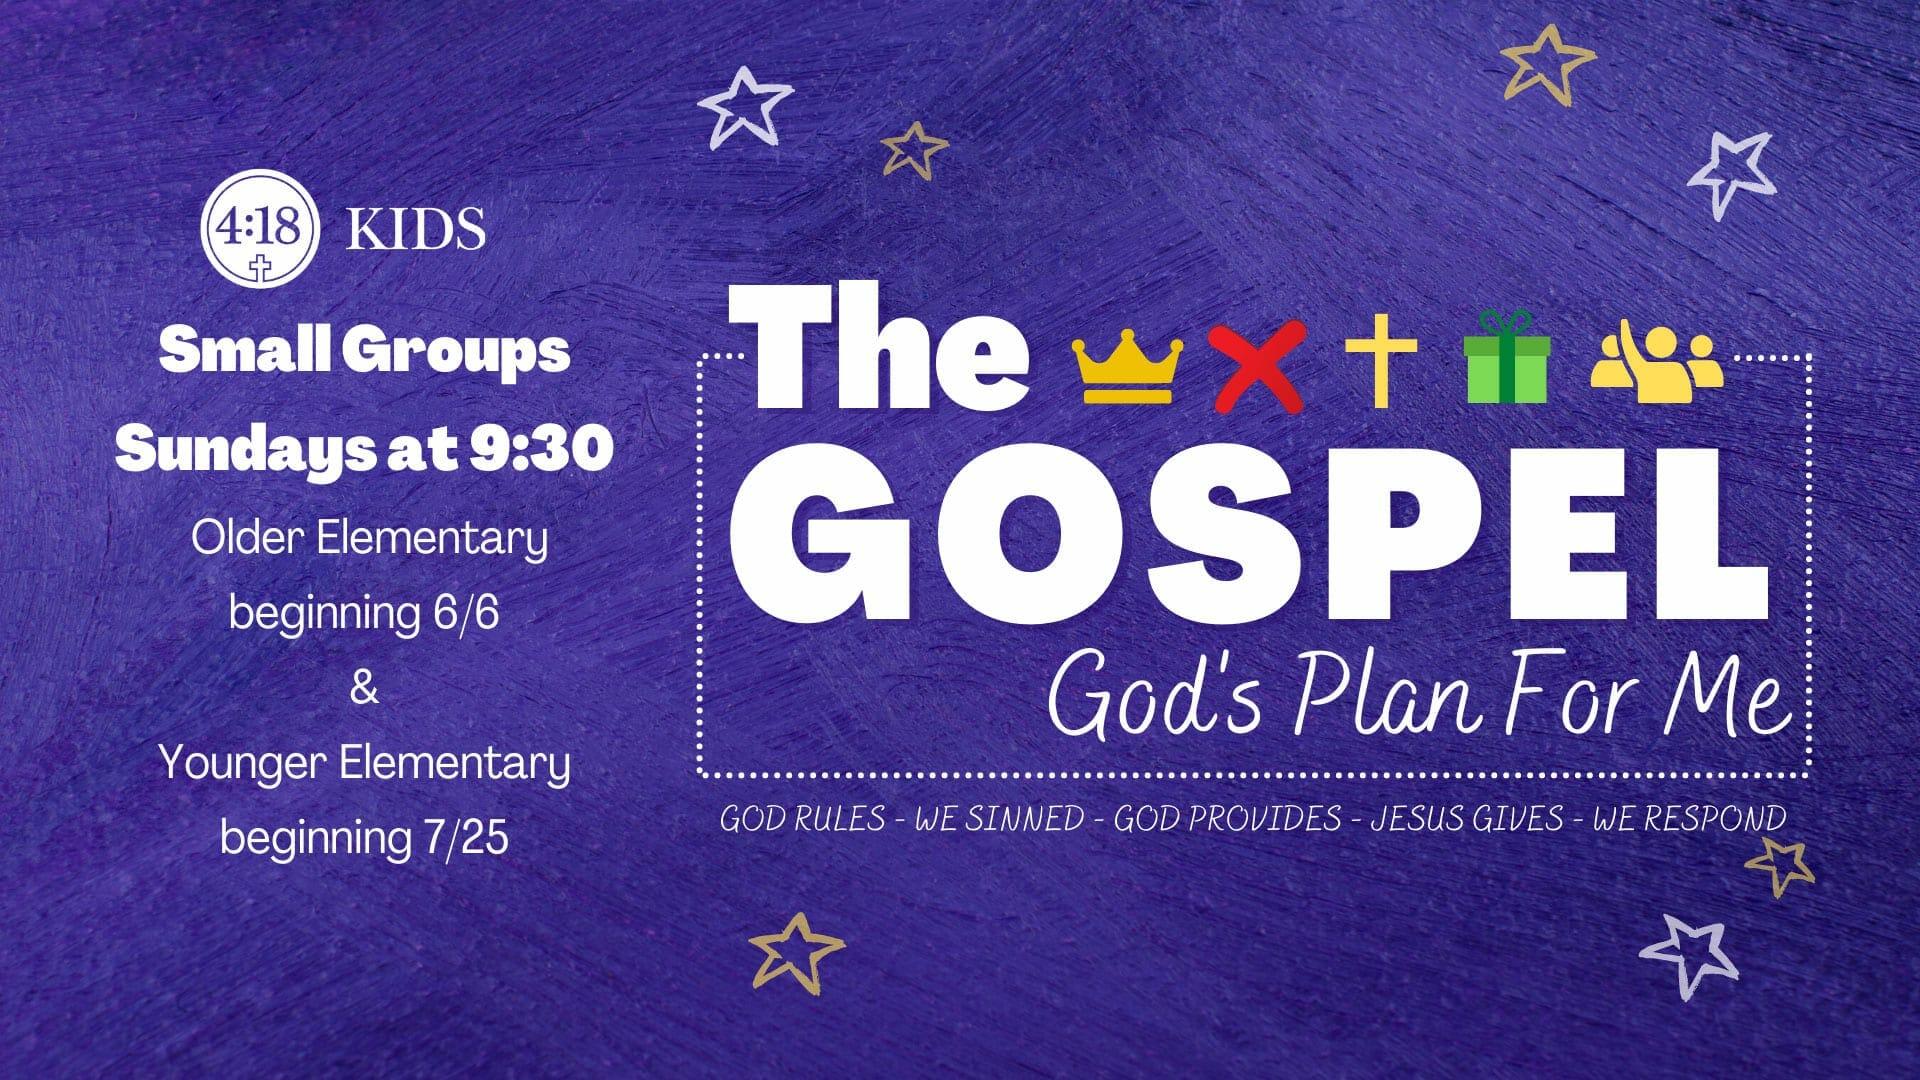 The Gospel Gods Plan For Me